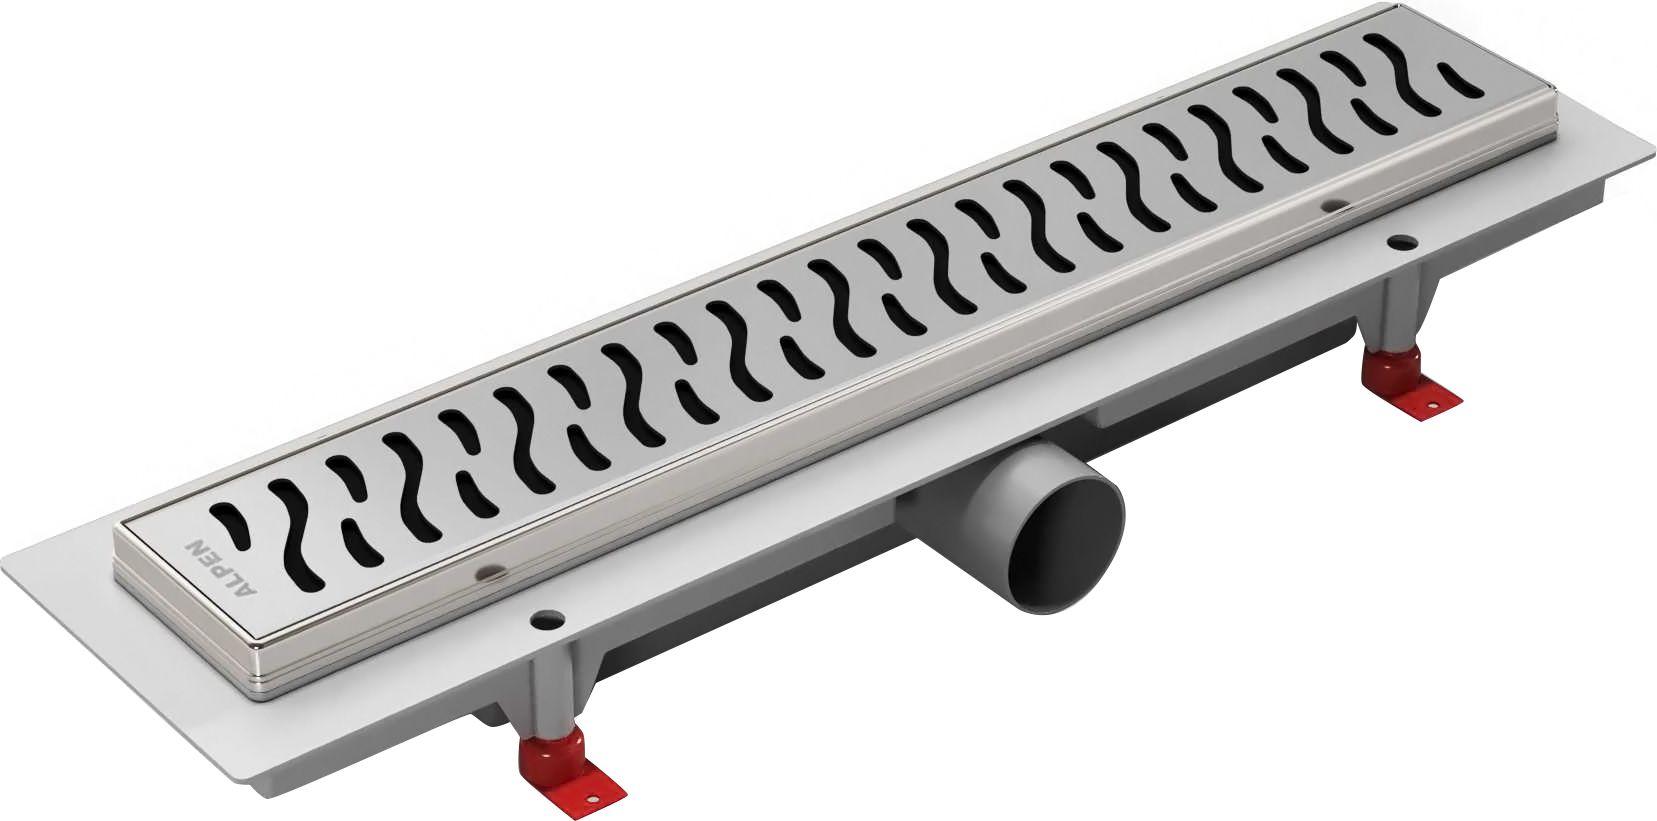 Купить шлифовальную машинку для пола из бетона состав раствора цементного м75